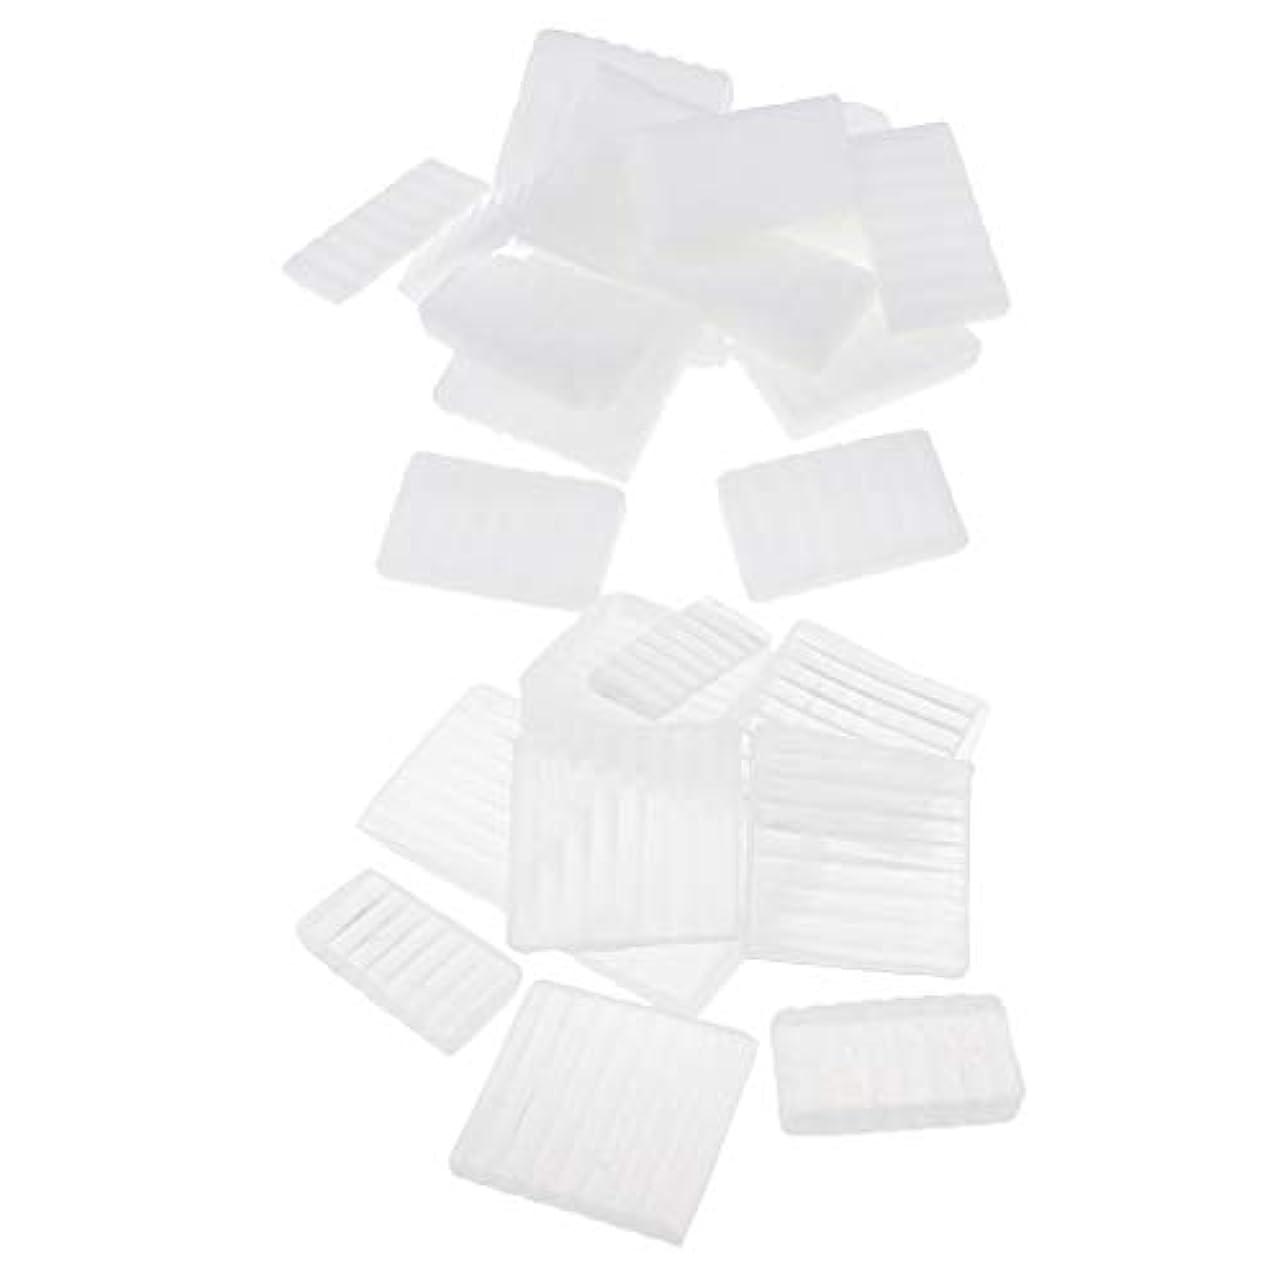 ポインタ病者検索エンジン最適化ソープベース 石鹸作り 手作りソープ素材 石けん 石鹸素地 作り ソープ 手作り